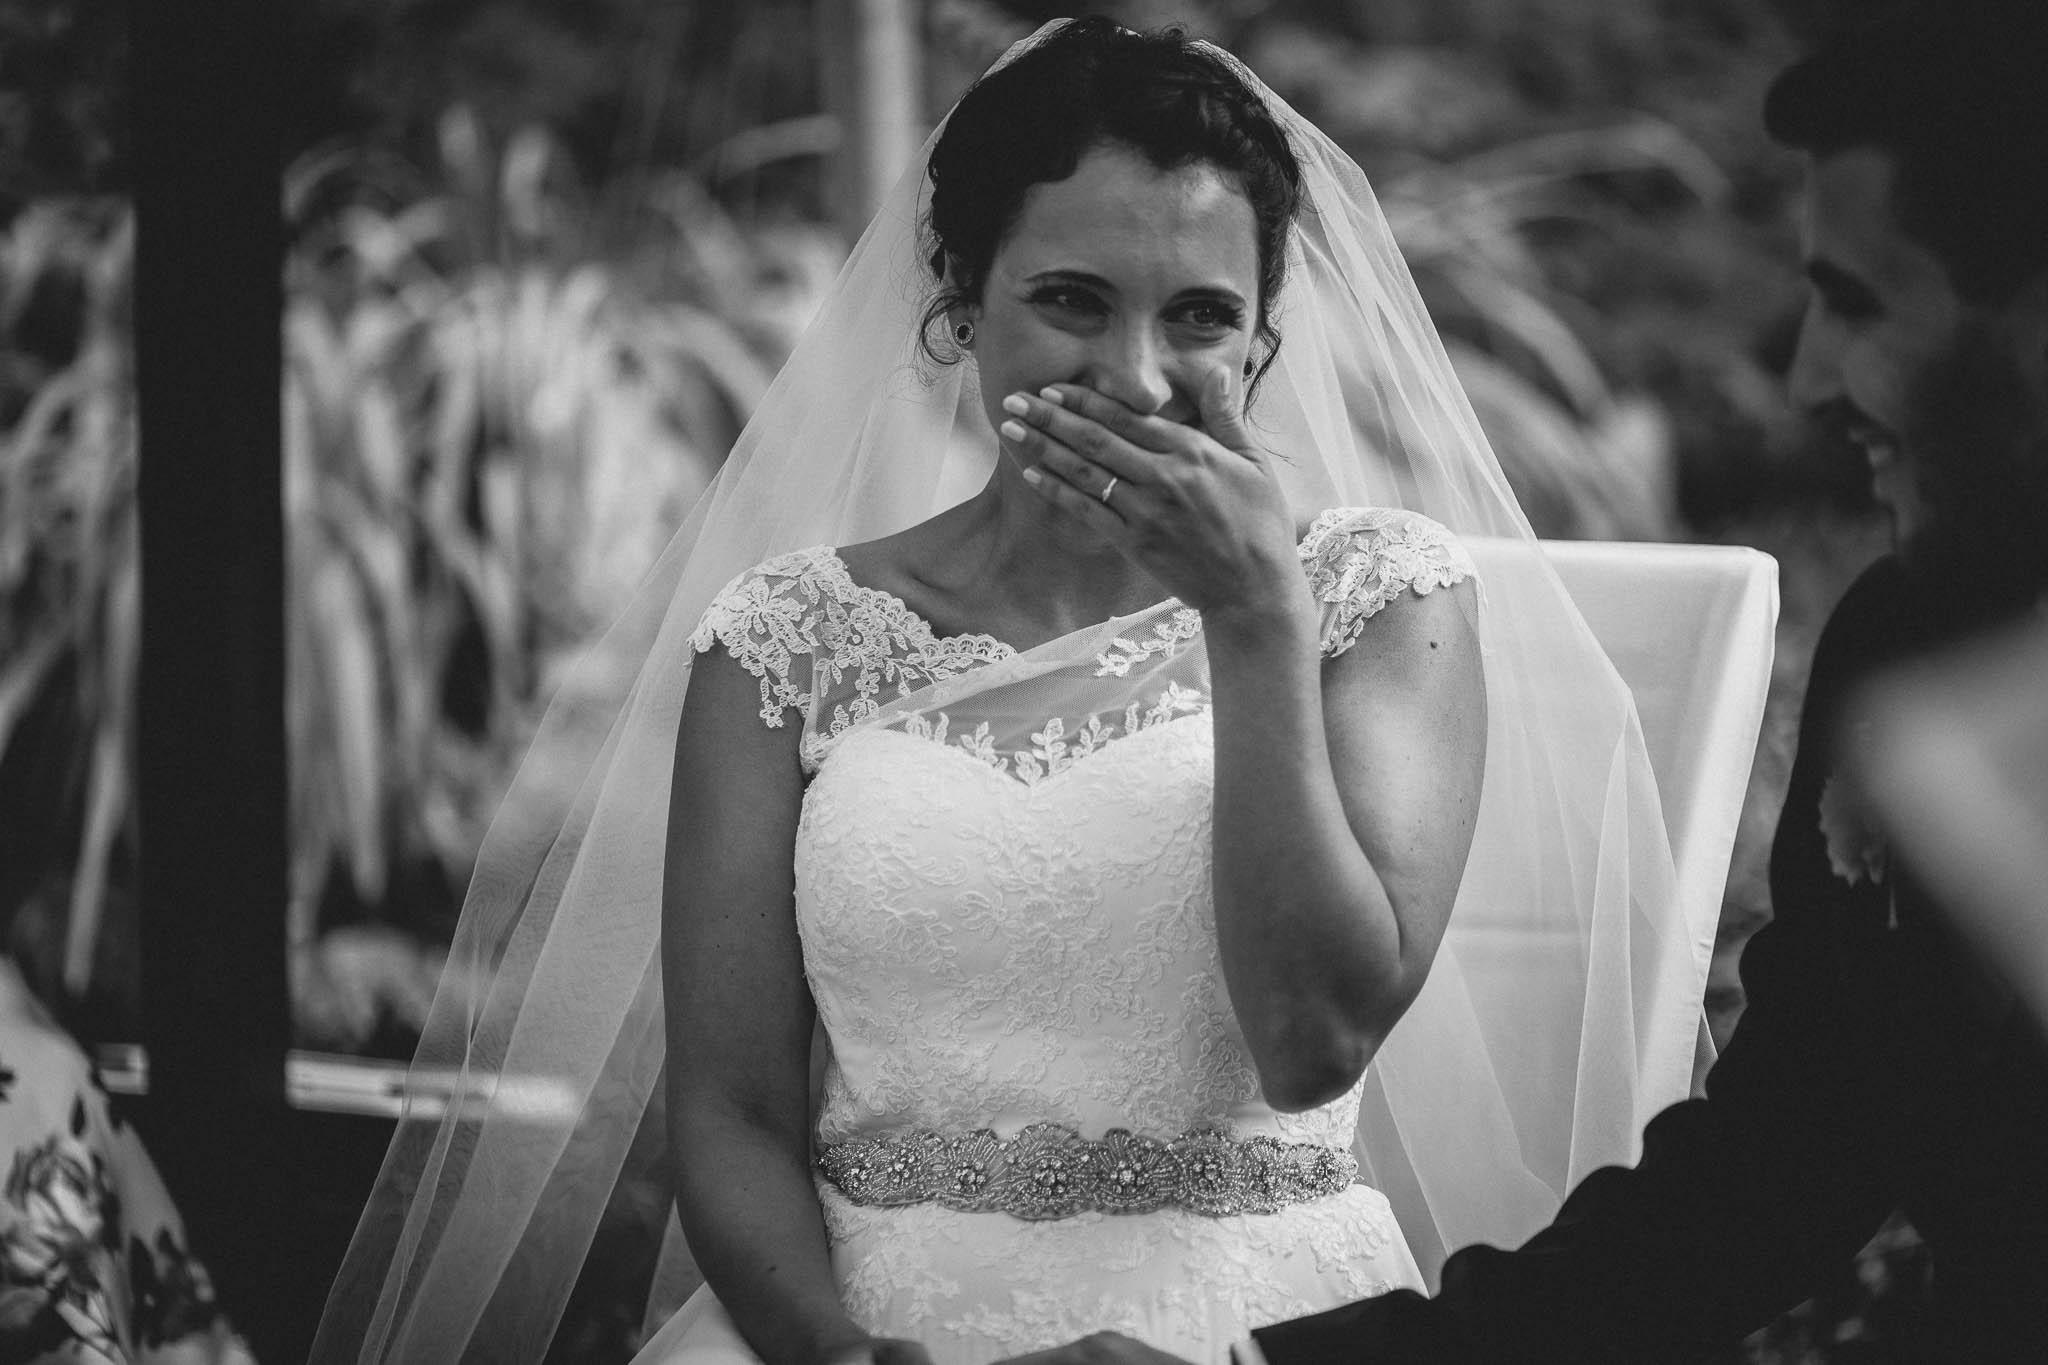 Hochzeitsfotograf Monzernheim: freie Trauung von Sarah & Patrick 29